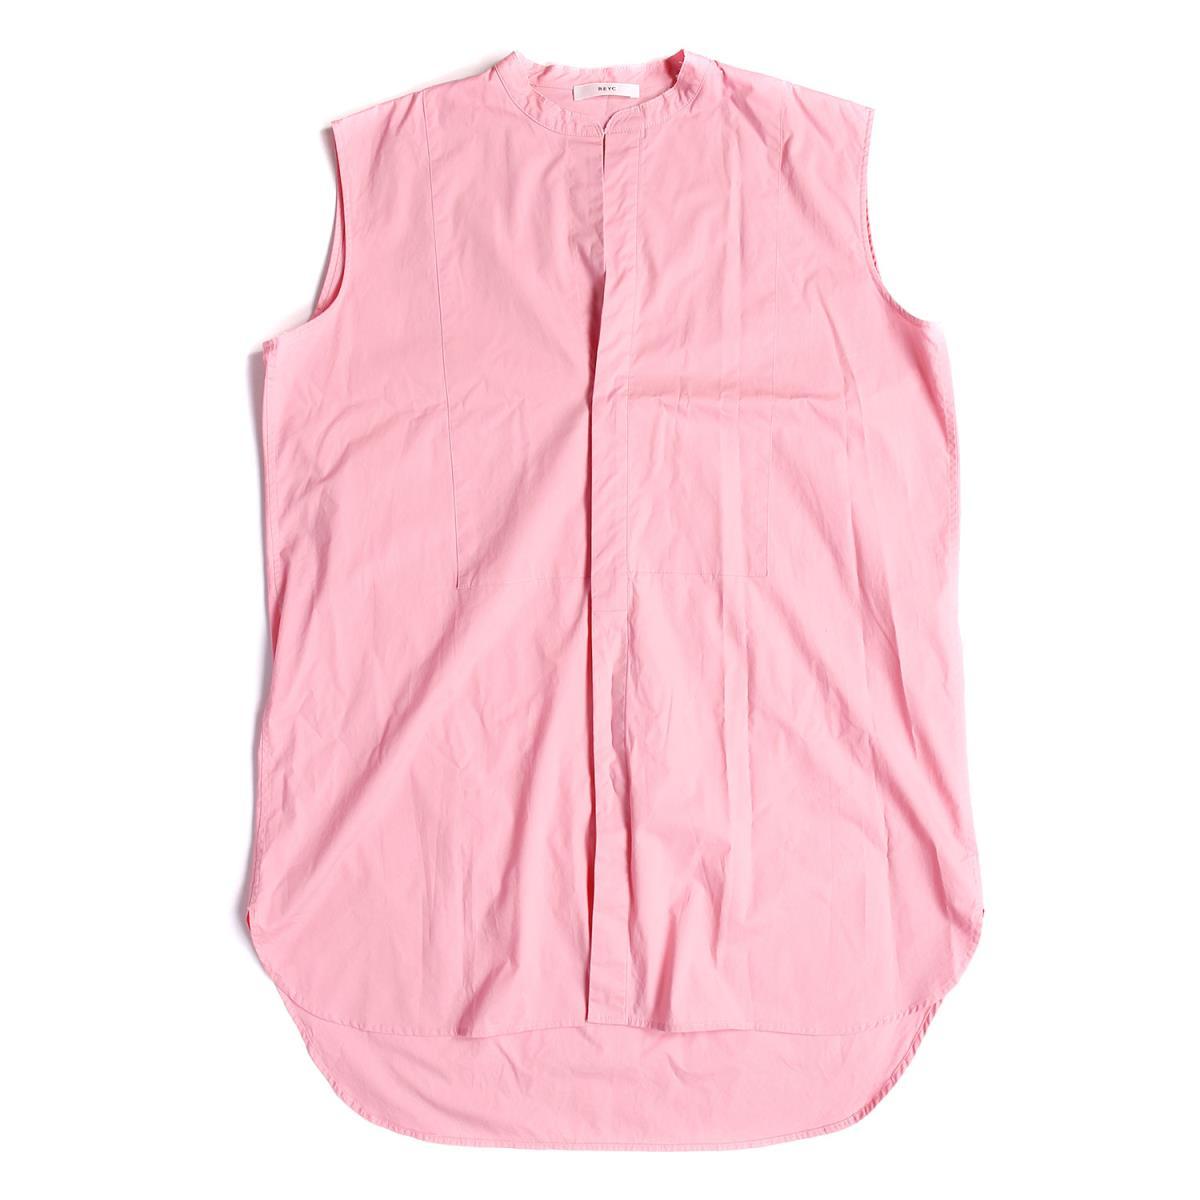 【プライスダウン】REYC(リック) ノースリーブ ブラウス シャツ No-sleeve Shirt 19春夏 ピンク 38 【レディース】【中古】【美品】【K2620】